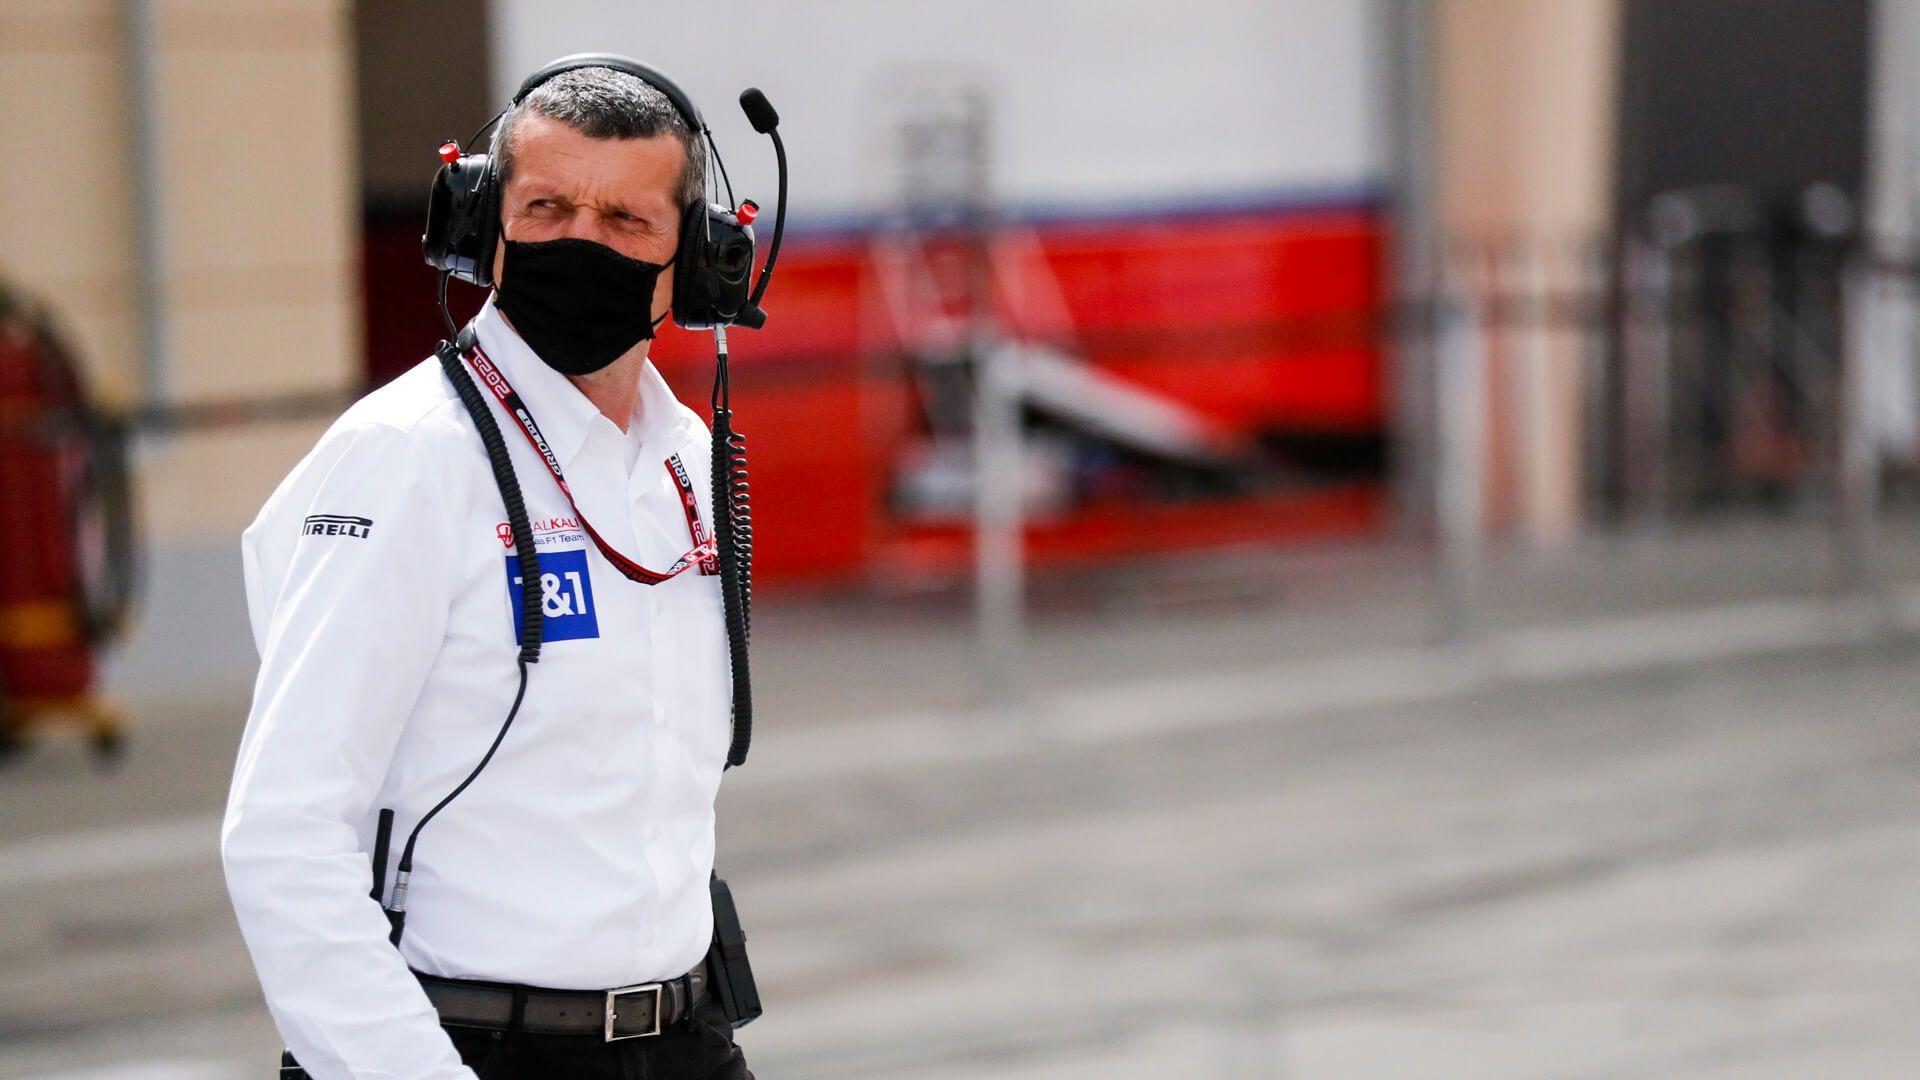 """Steiner admite que en 2022 las cosas pueden favorecerles: """"El futuro nos mantiene motivados a mí y a todo el equipo"""""""